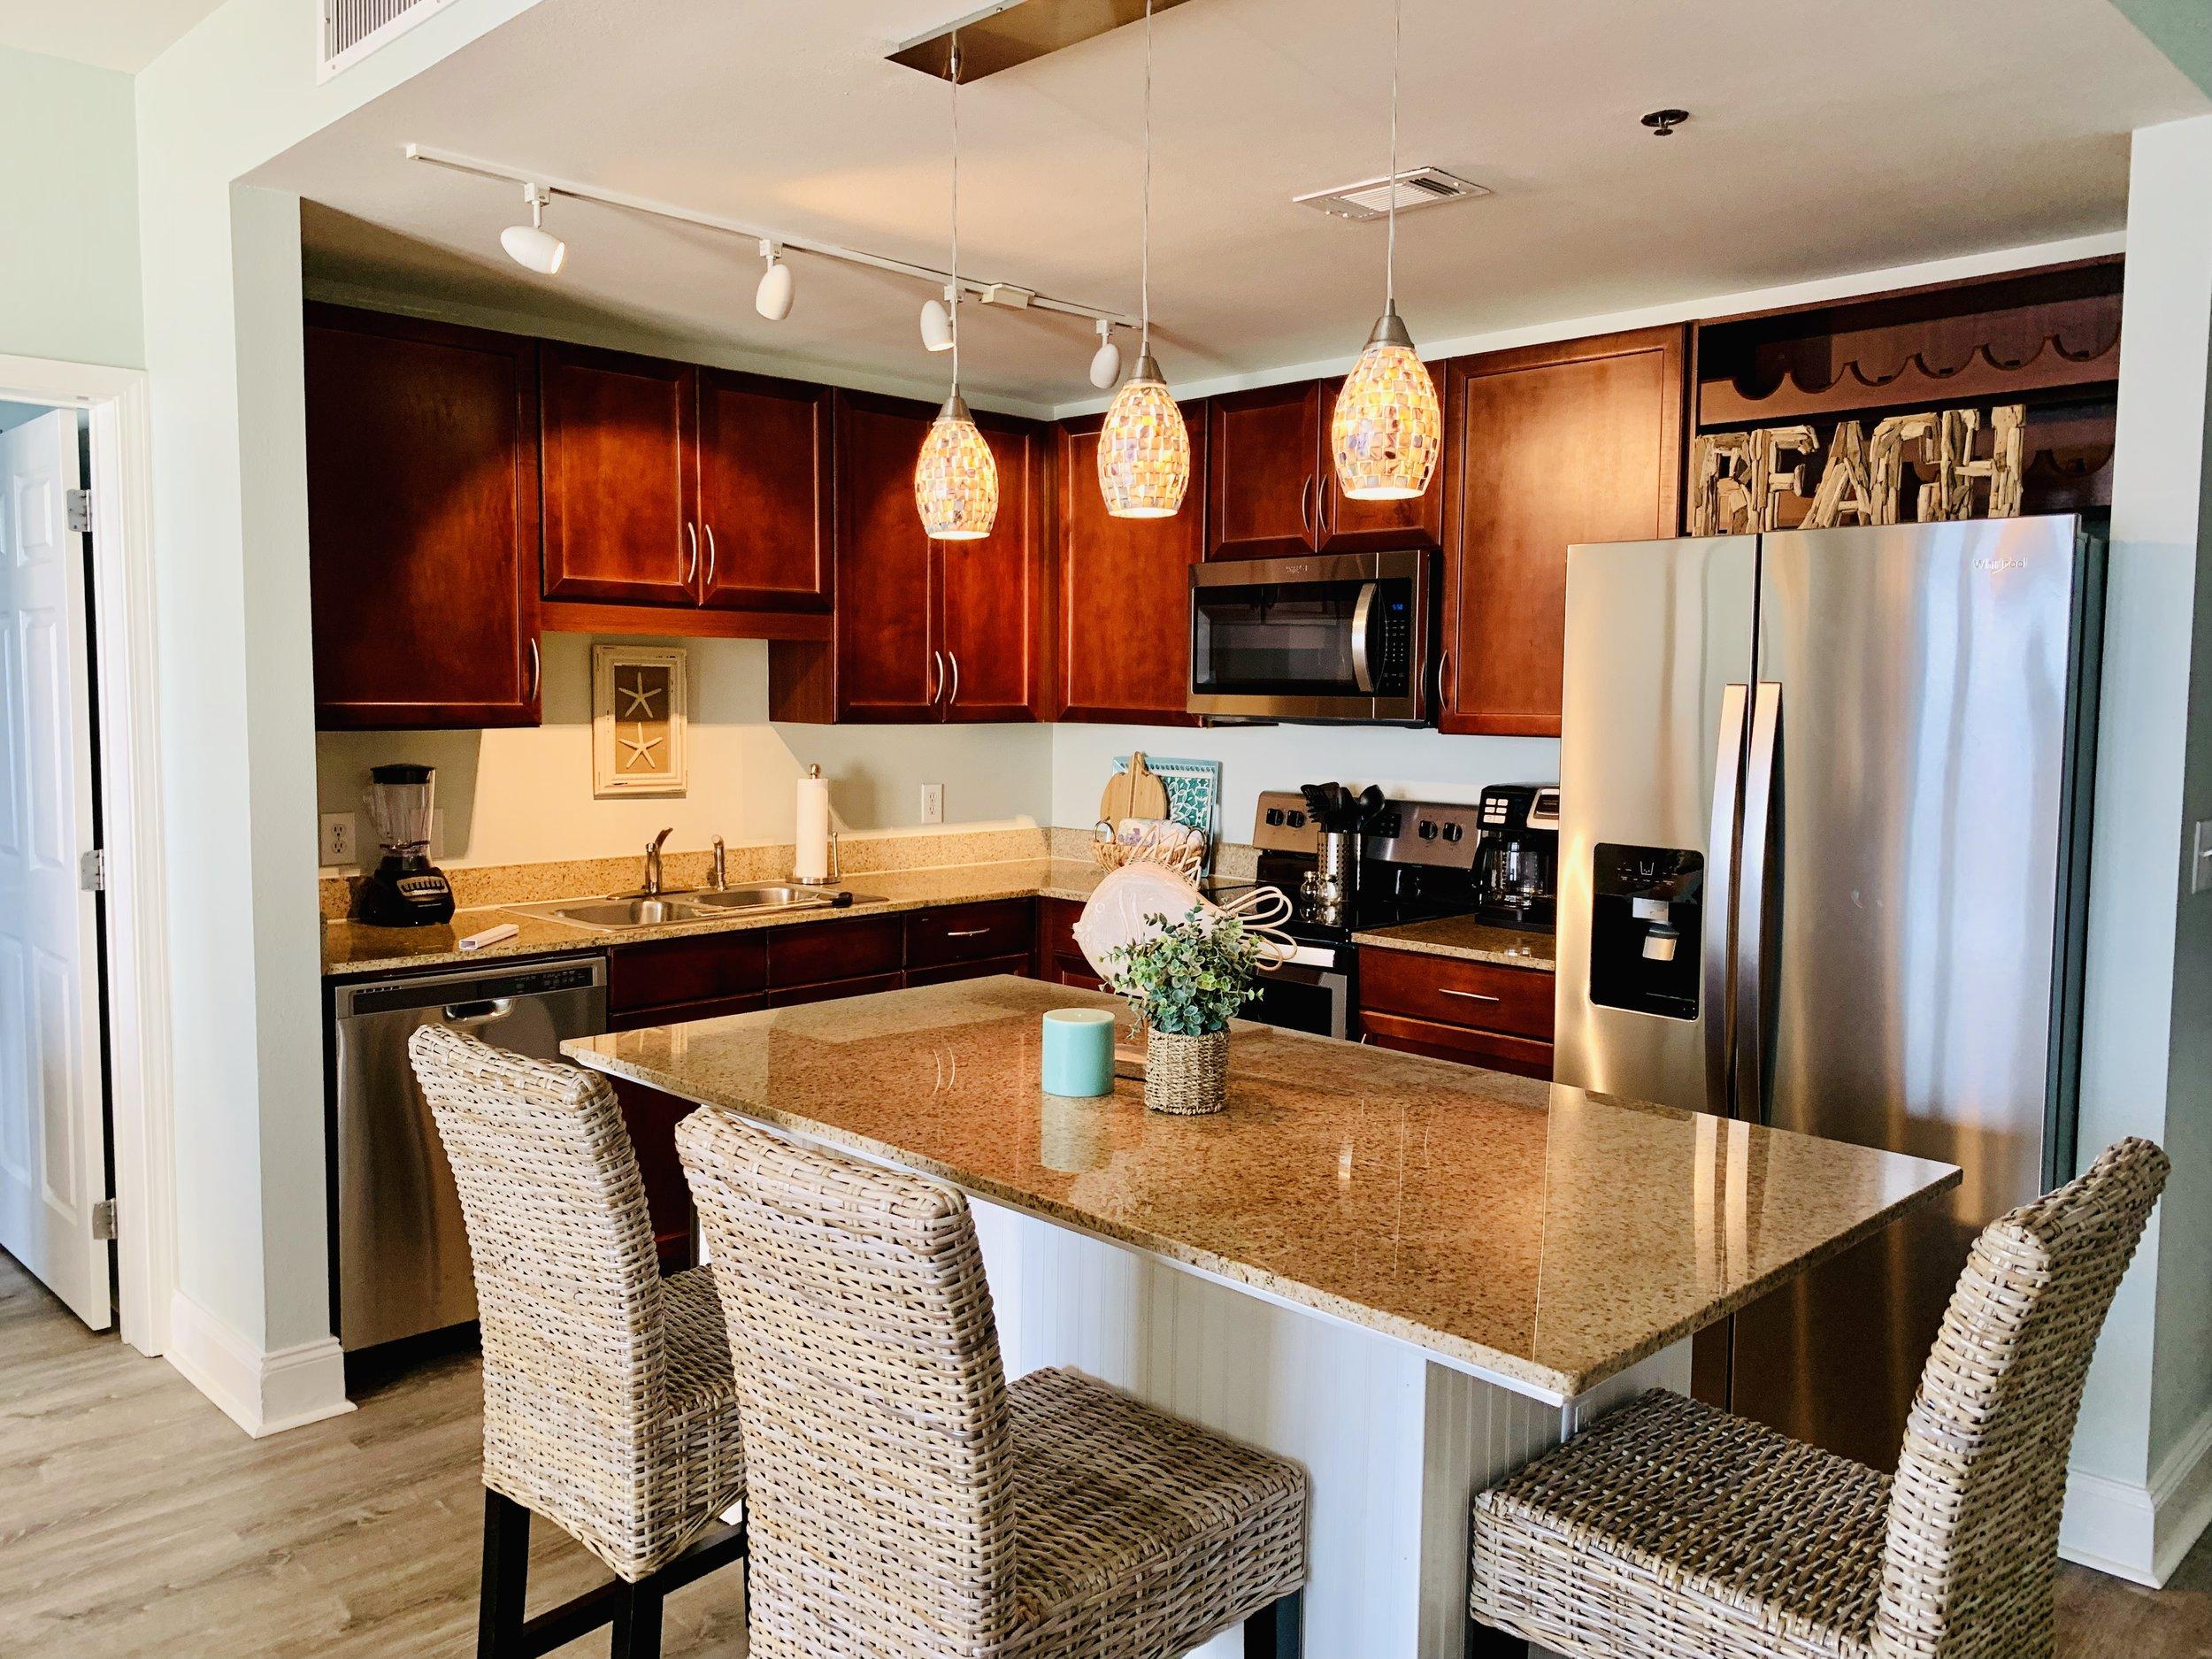 Kitchen island ights.jpg